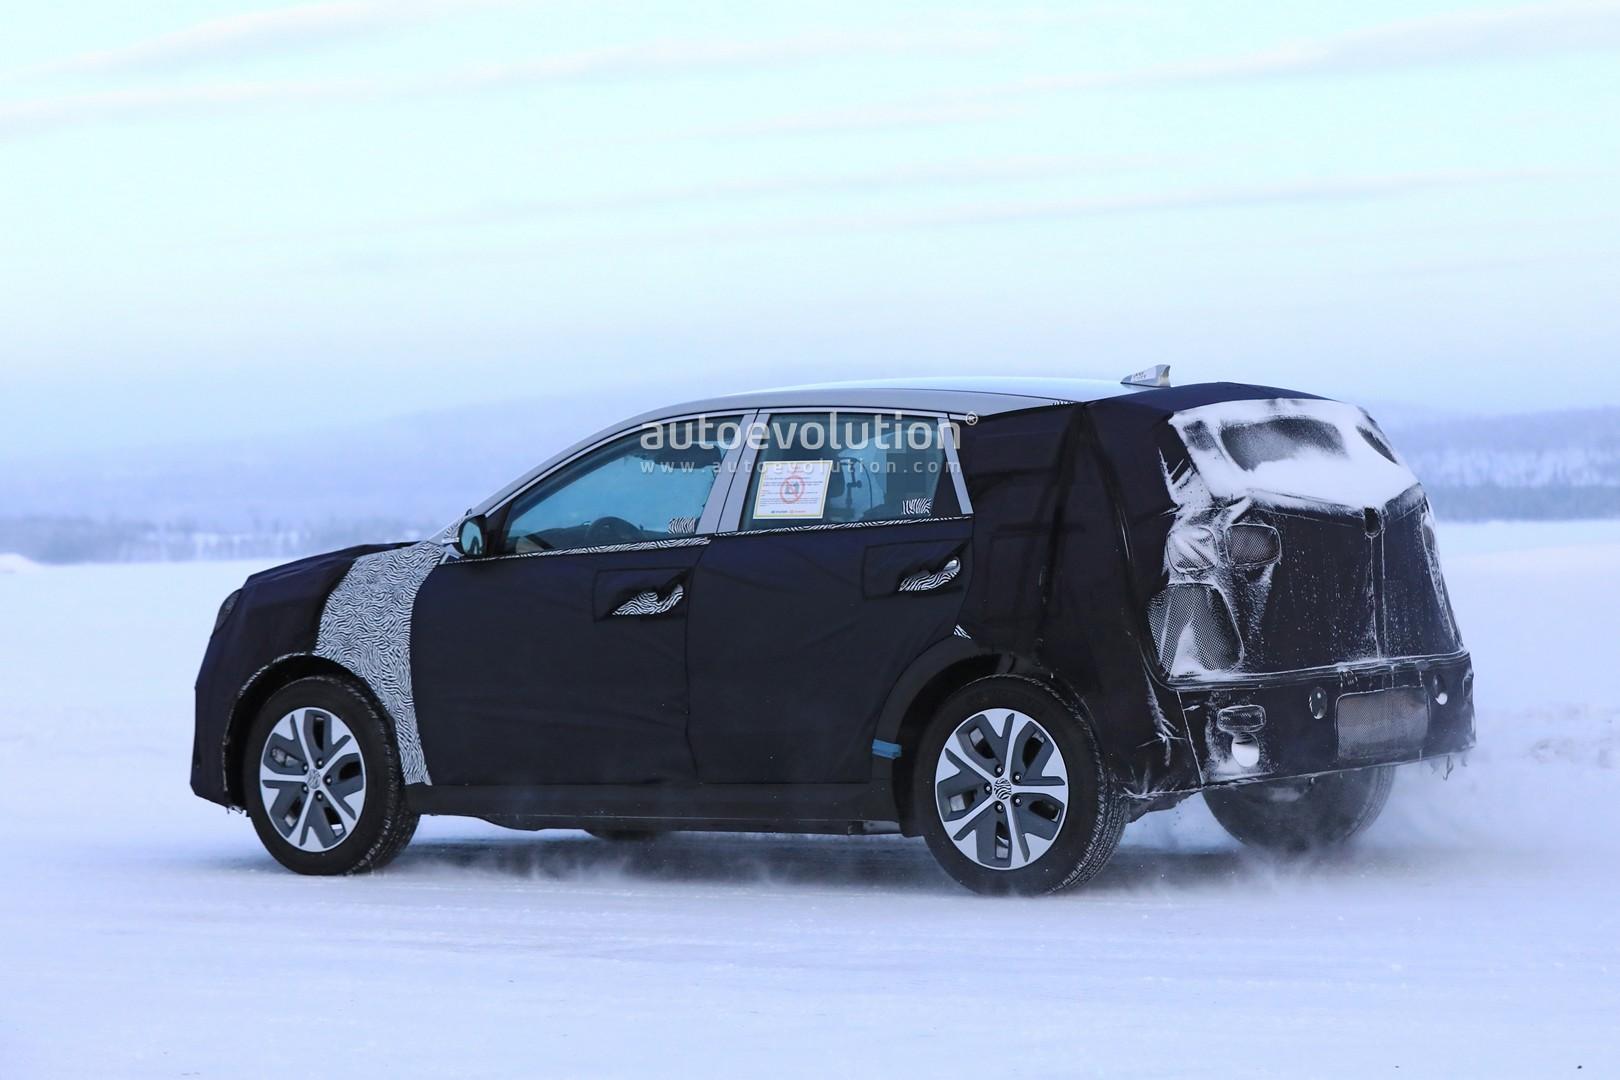 Spyshots: Kia Niro EV Testing in Scandinavia - autoevolution